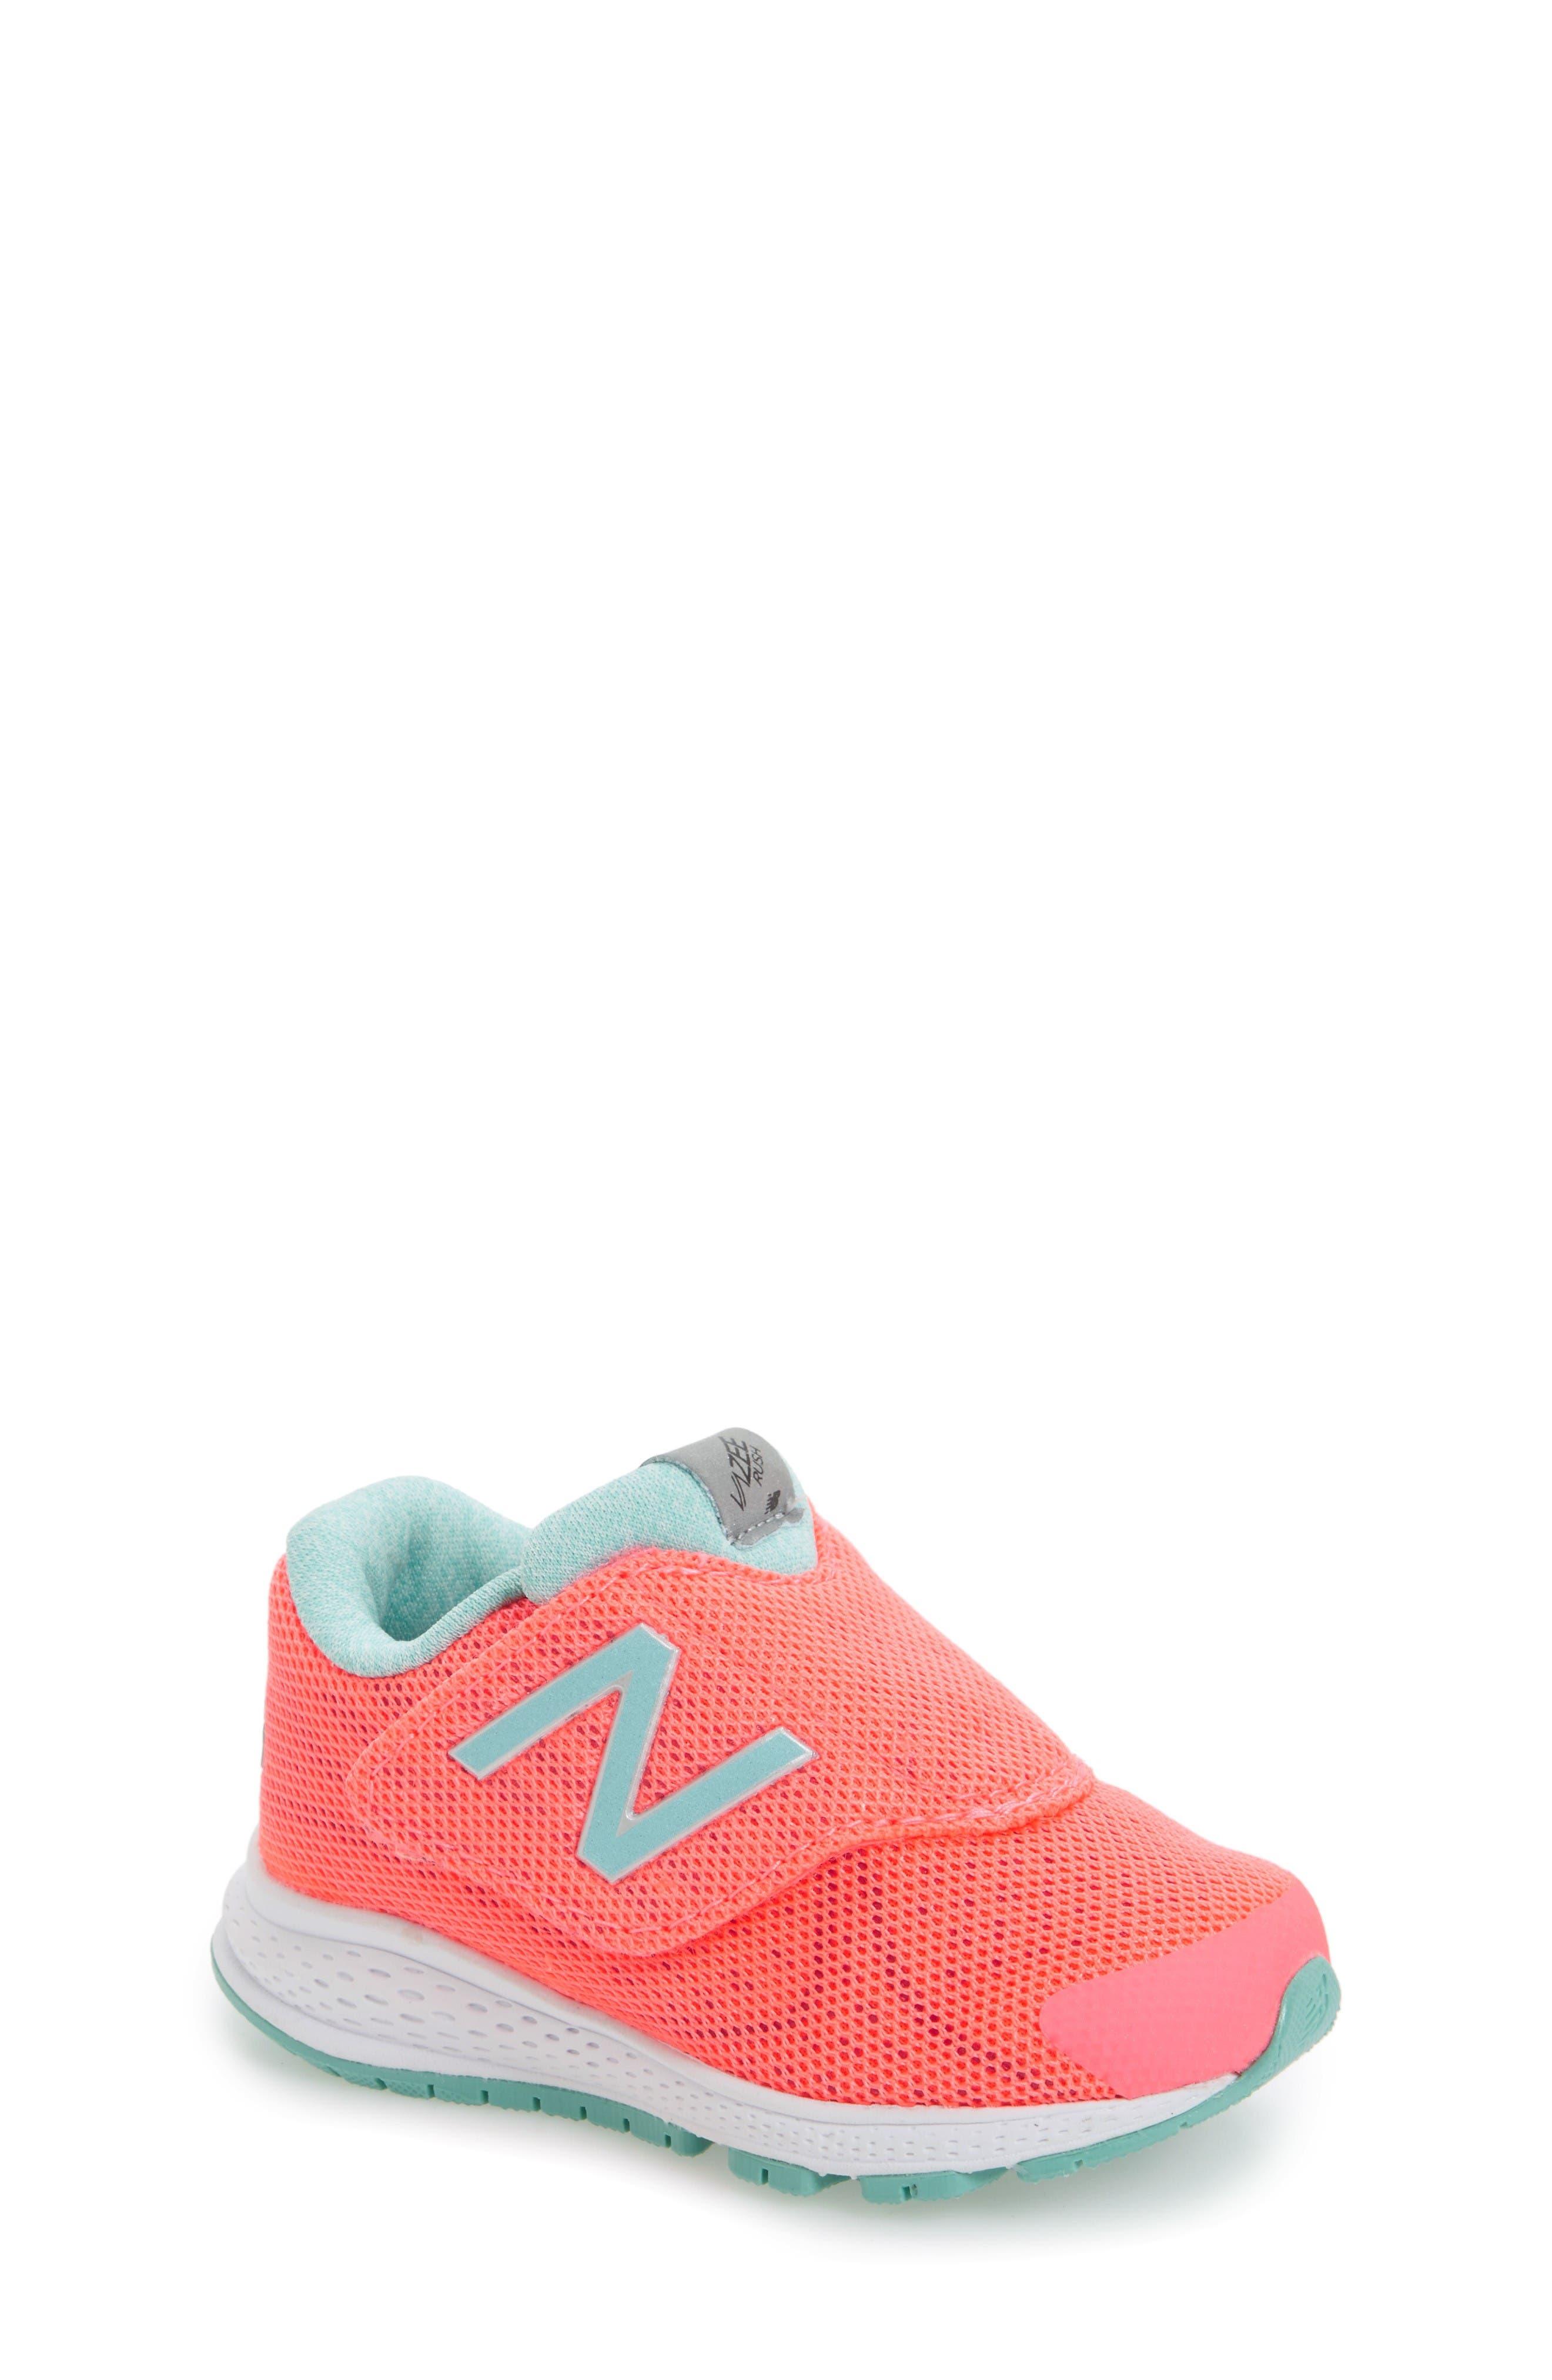 New Balance Vazee Rush V2 Sneaker (Baby, Walker, Toddler & Little Kid)